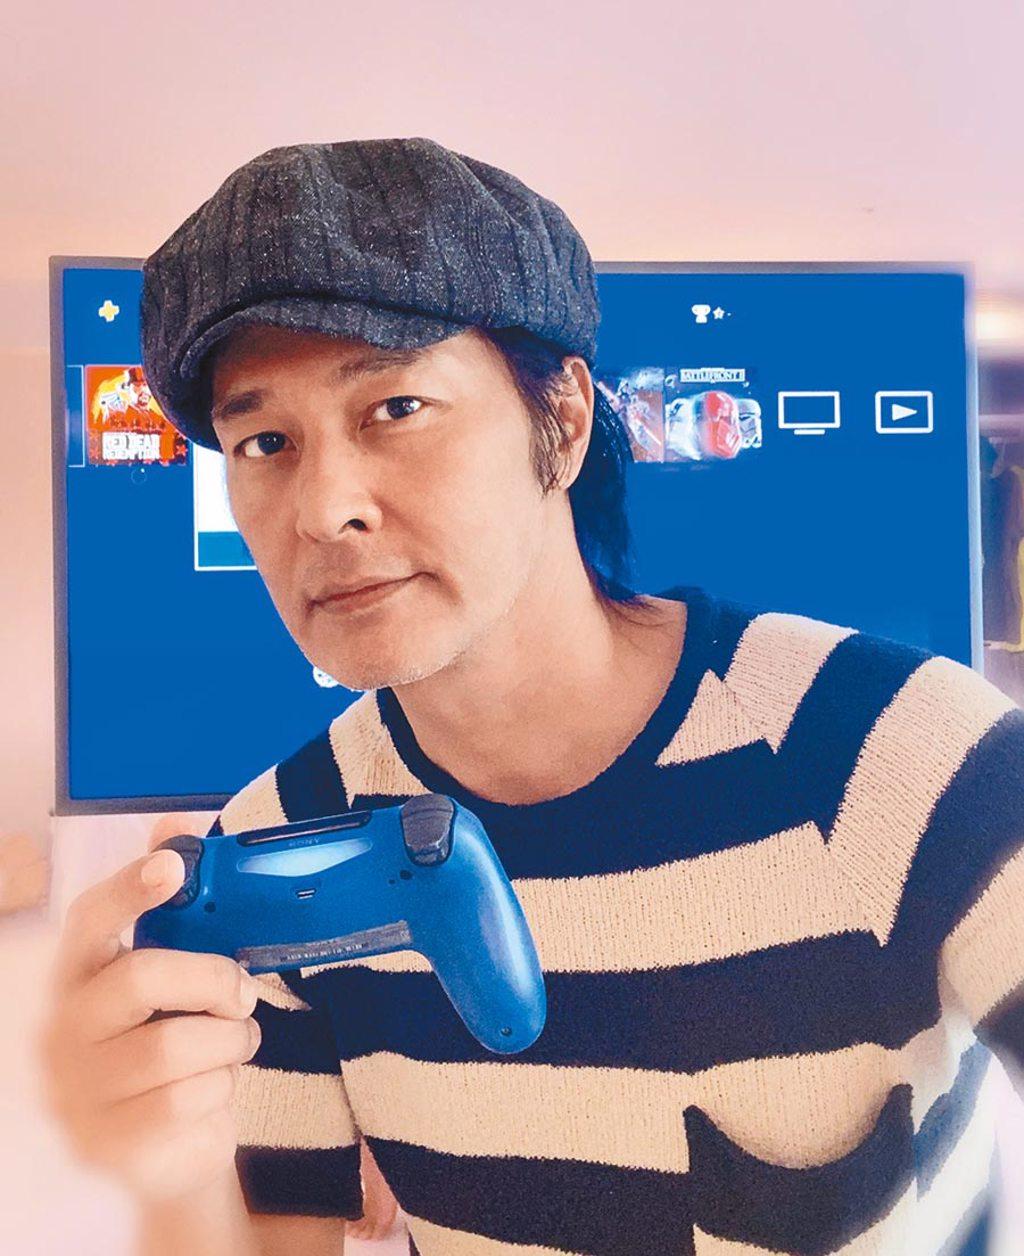 連凱在飯店隔離時,猛玩PS4打發時間。(連凱提供)